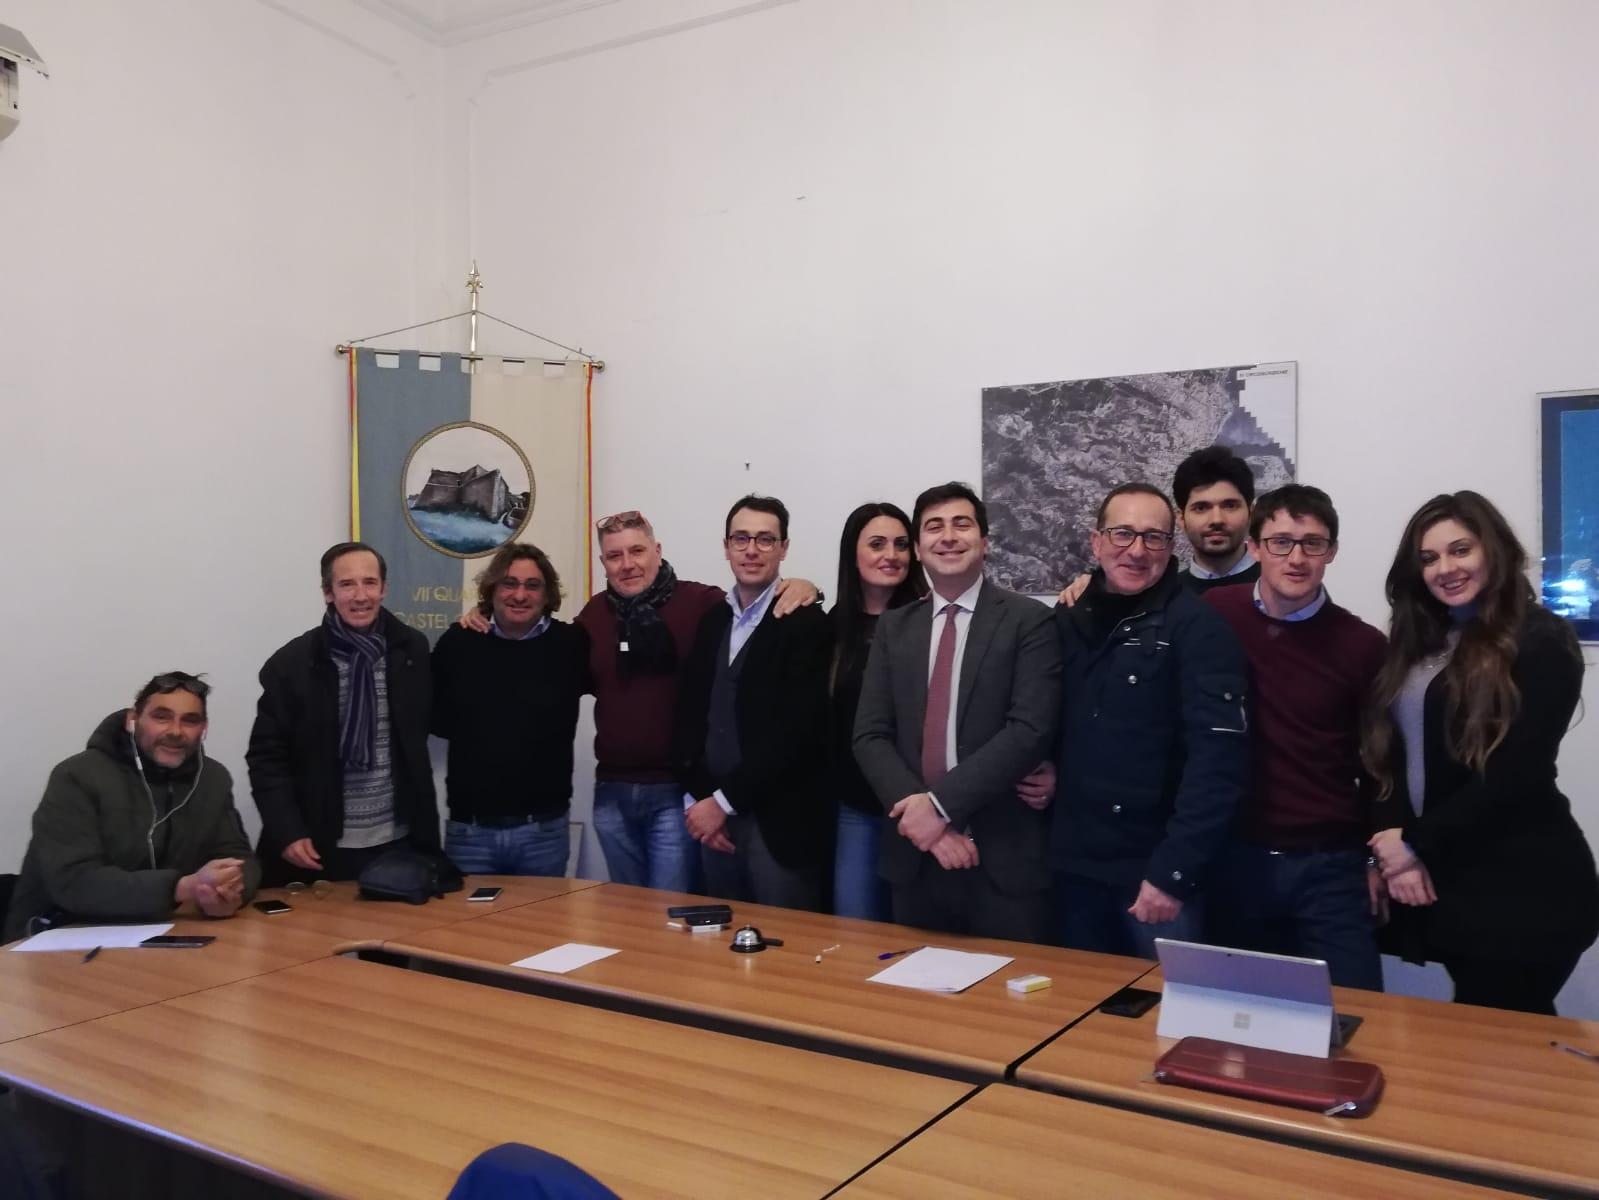 Varco Dogana, si muove la politica: apprezzata la proposta di Messina Incentro